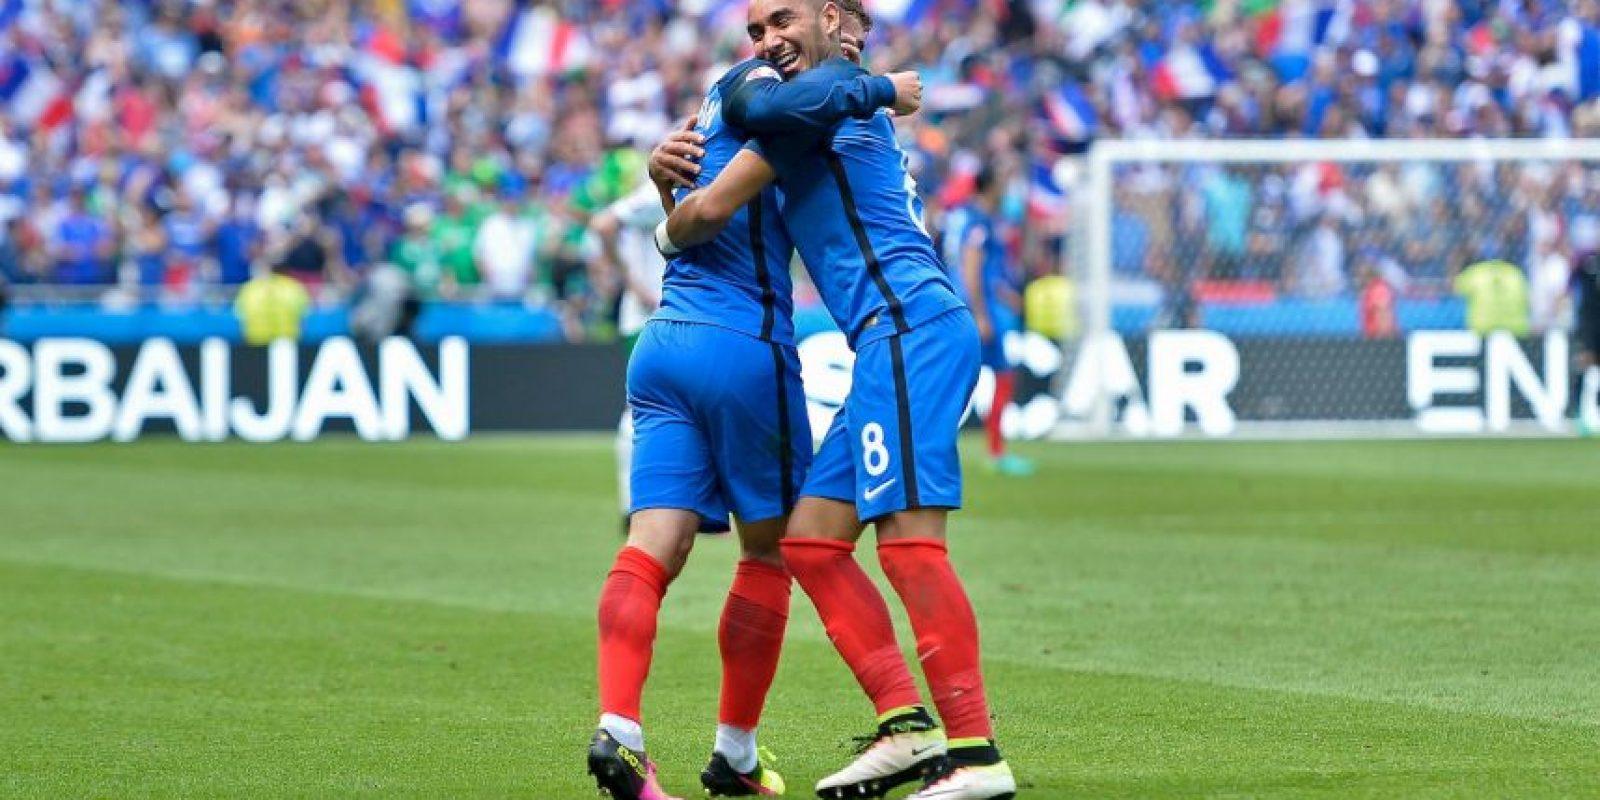 Francia venció por 2 a 1 a Irlanda y avanzó a cuartos, donde espera seguir su camino a la final para dejar la copa en casa Foto:Getty Images